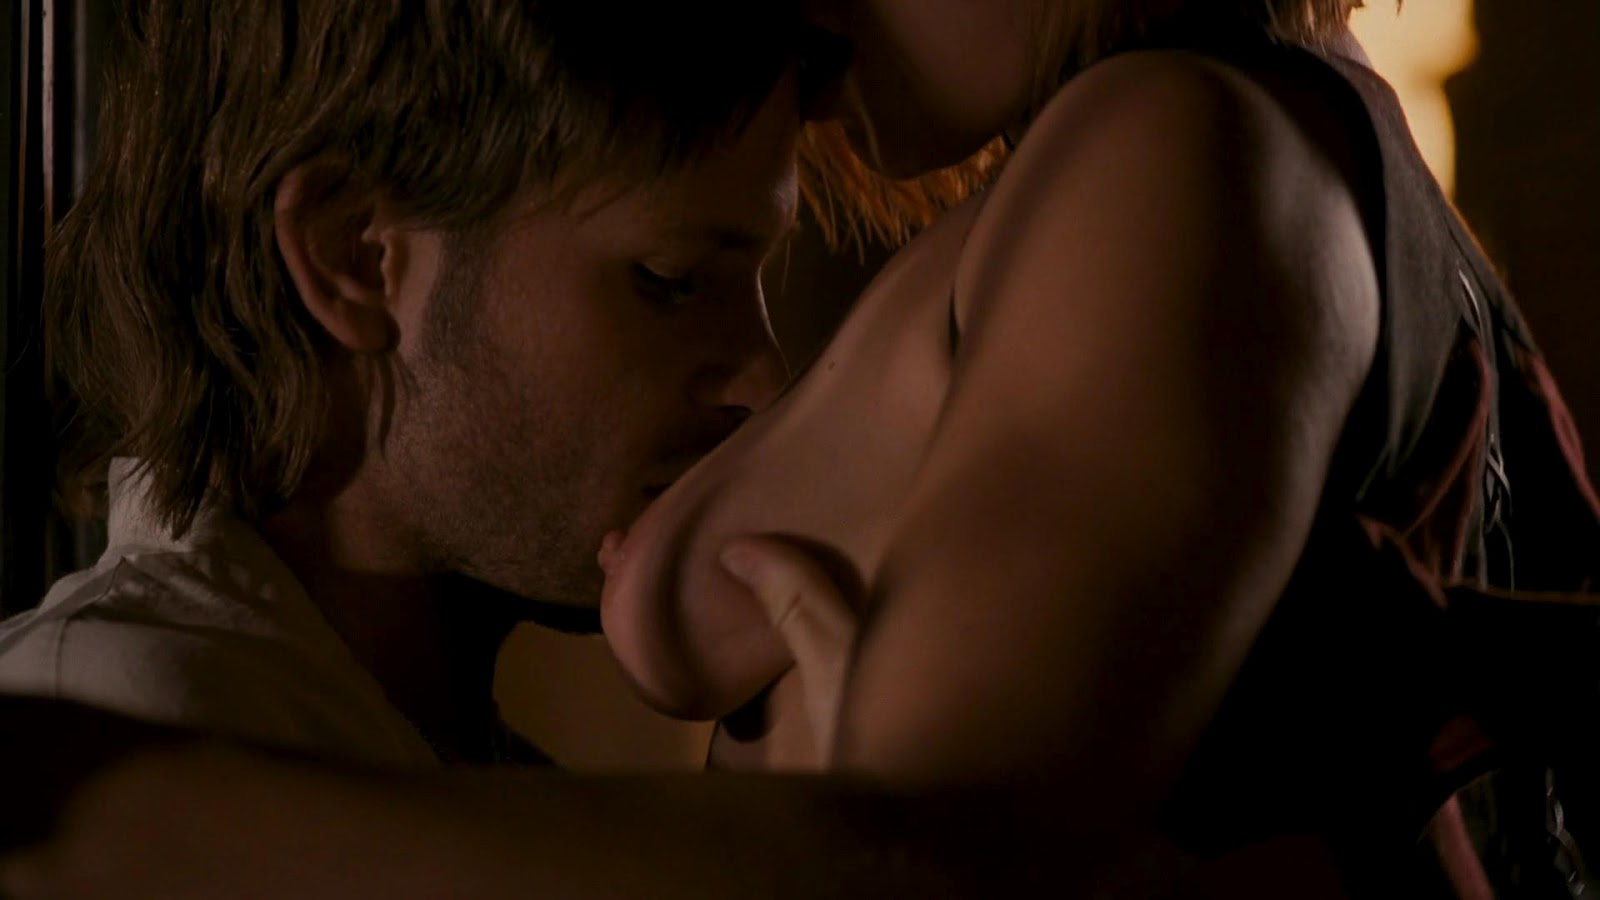 Сексуальные сцены в кино видео 2 фотография